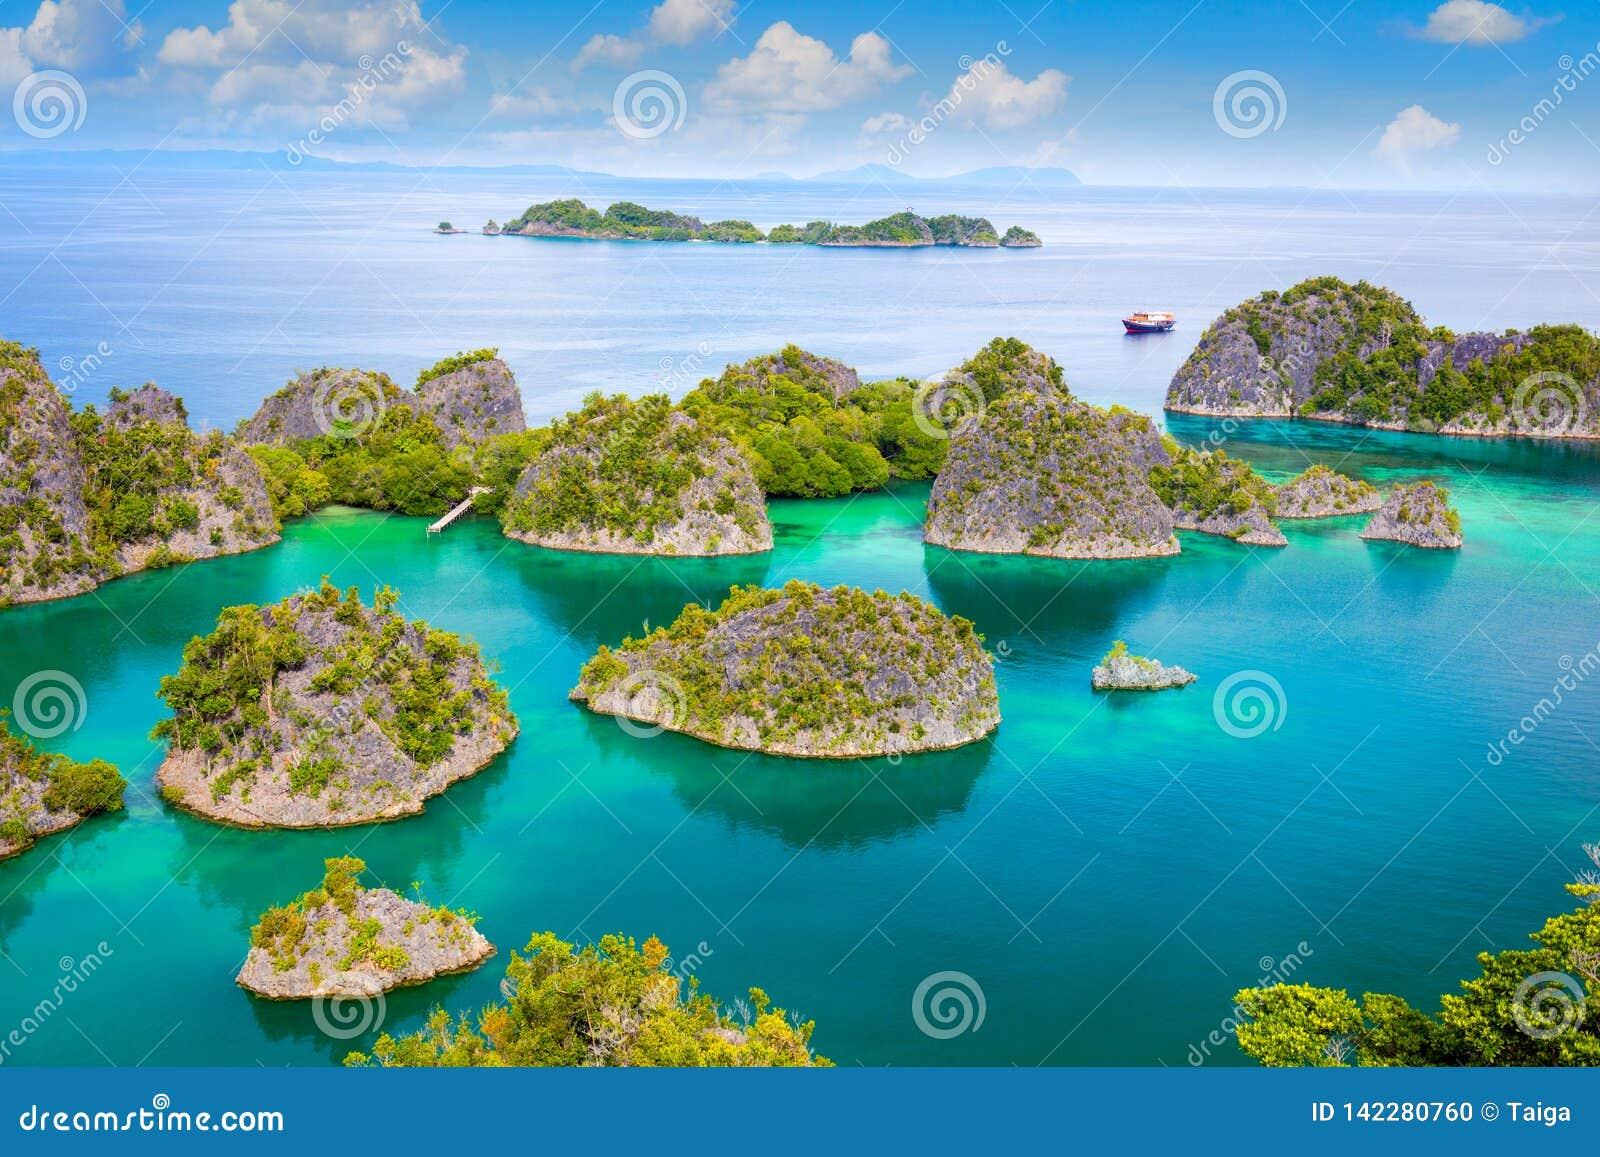 Lagoa tropical pitoresca das ilhas com litoral do recife e água de turquesa